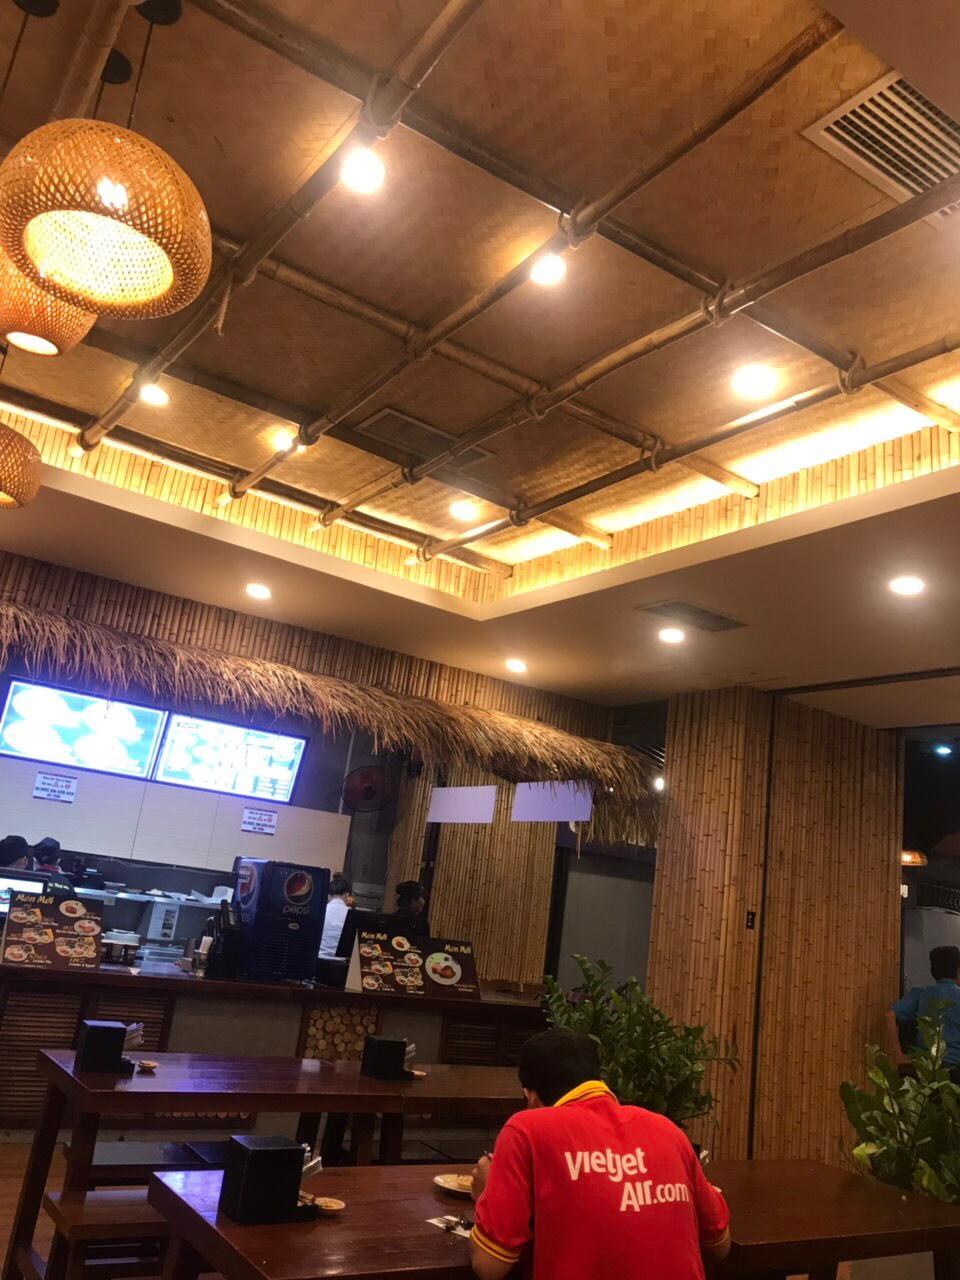 Trang trí tre trúc cho quán ăn